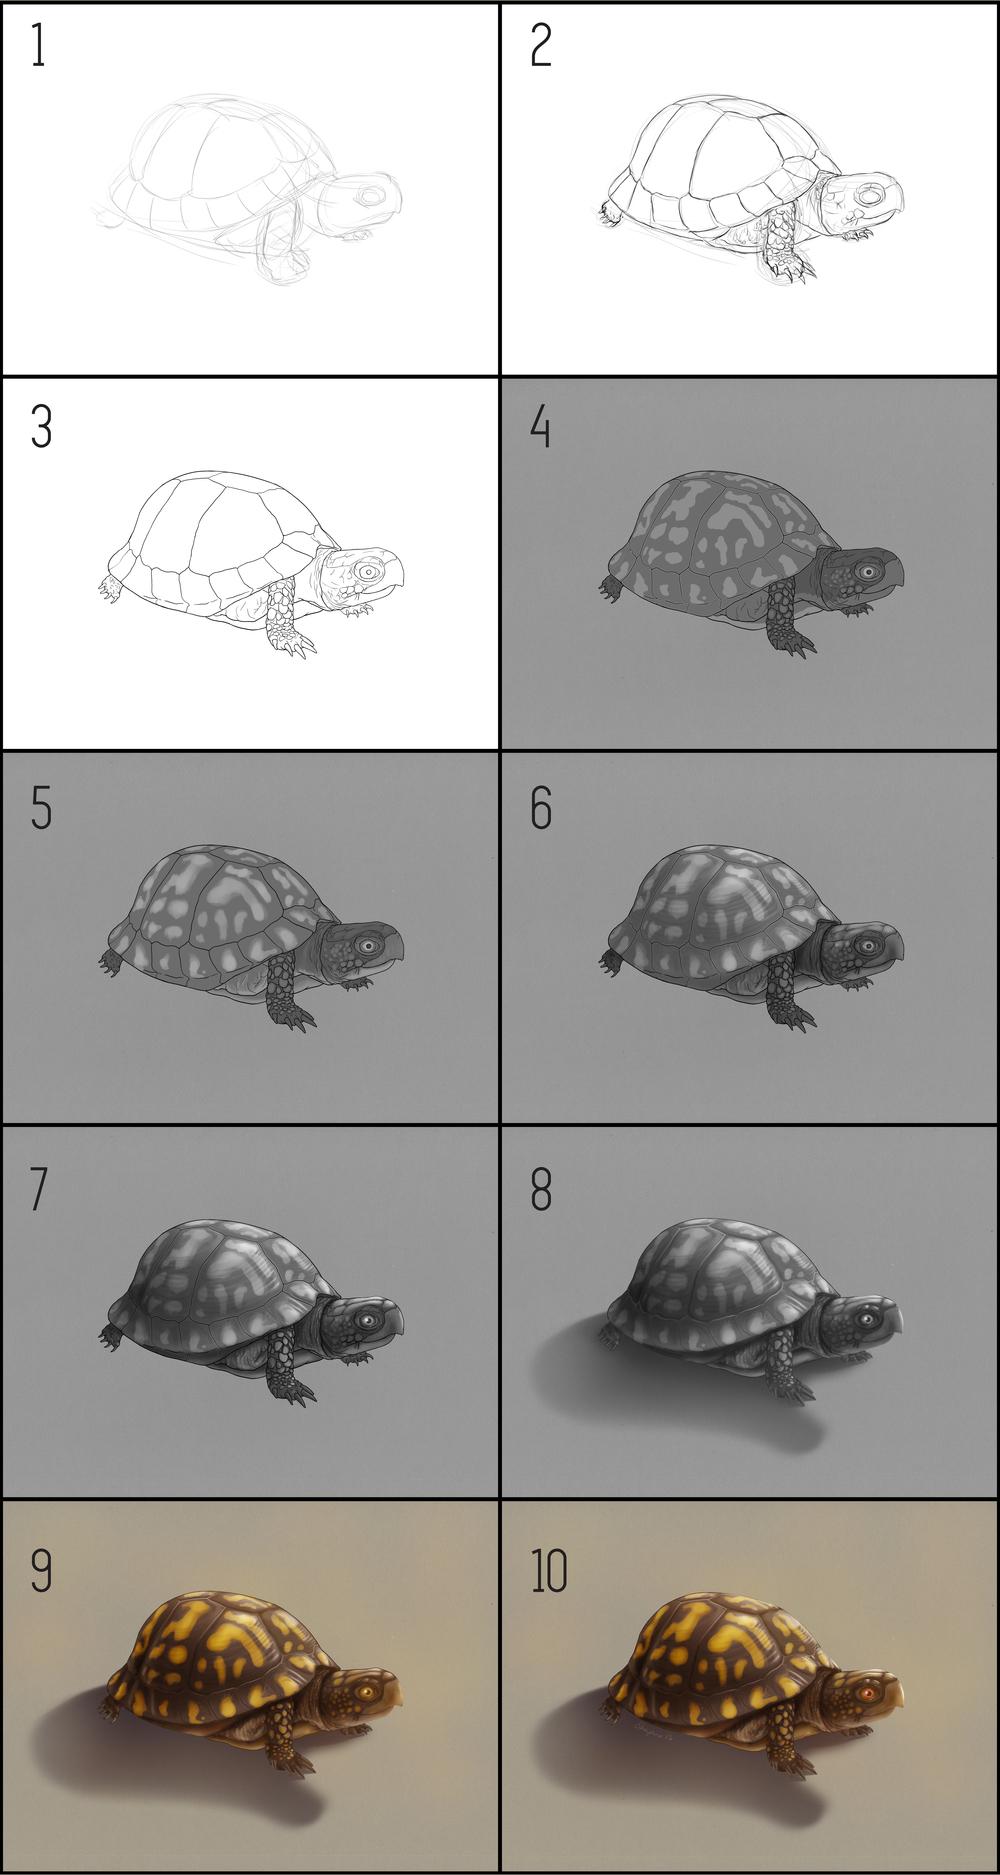 turtle_steps.jpg